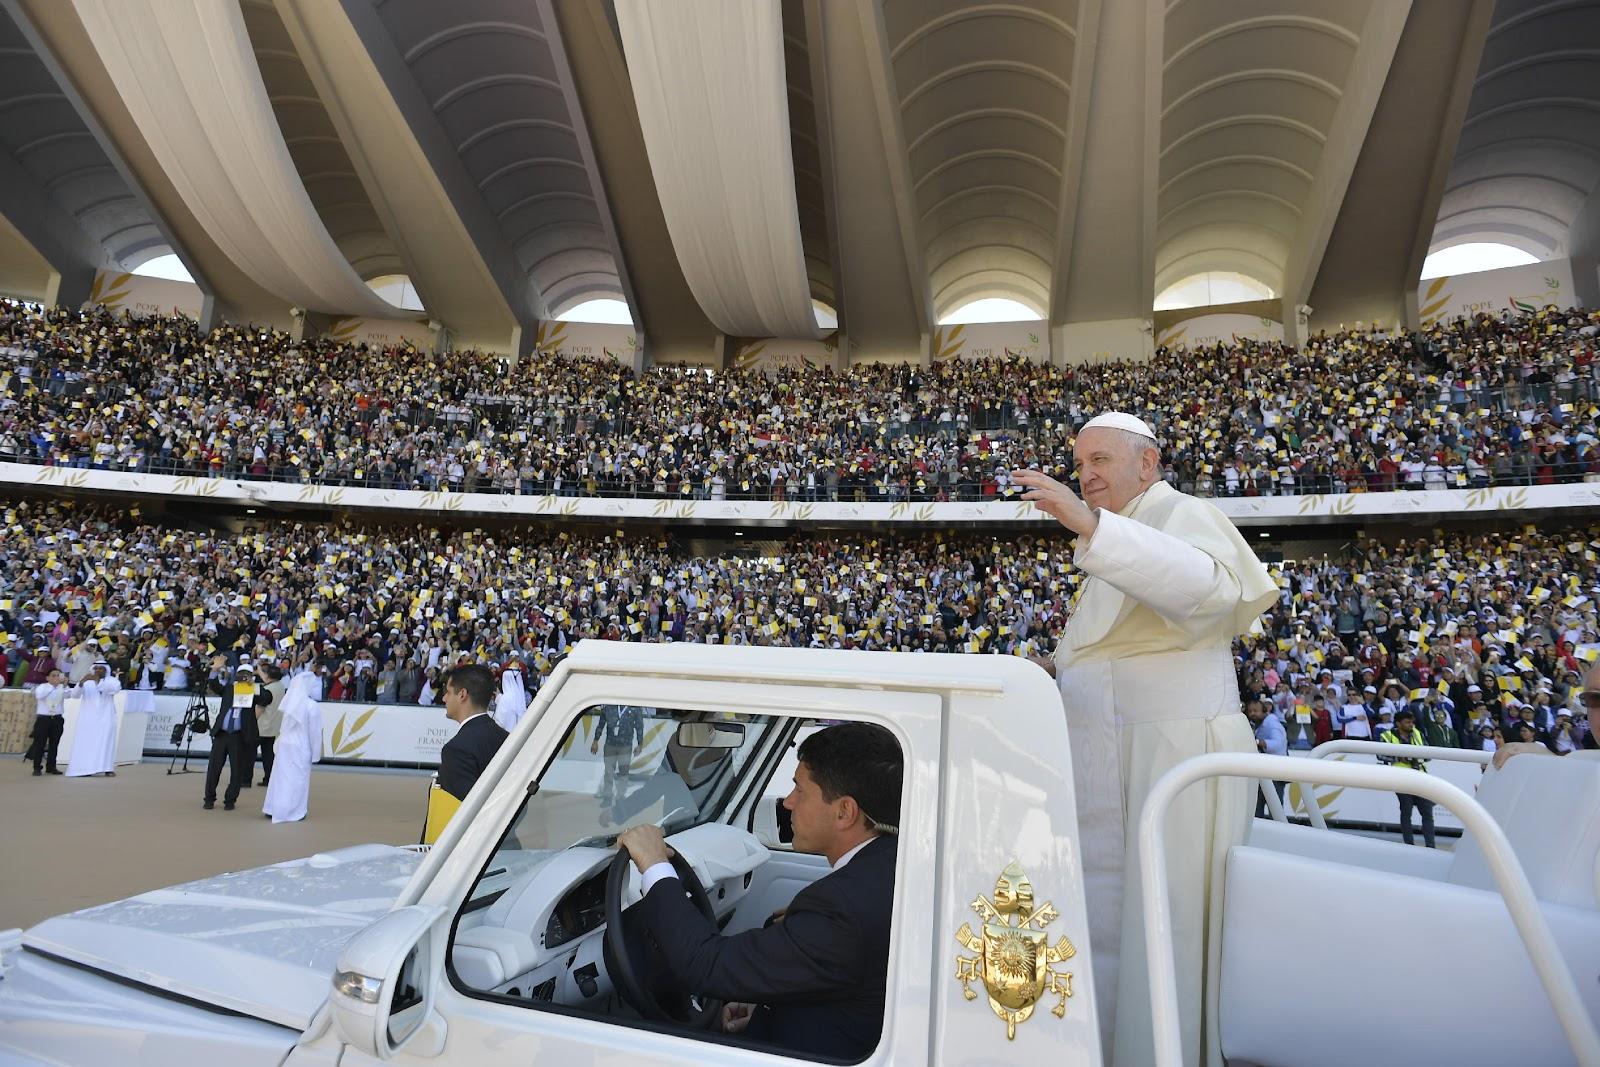 UAE: Tổ chức Aid to Church in Needs tổng hợp những cái nhìn về chuyến viếng thăm của Đức Thánh Cha